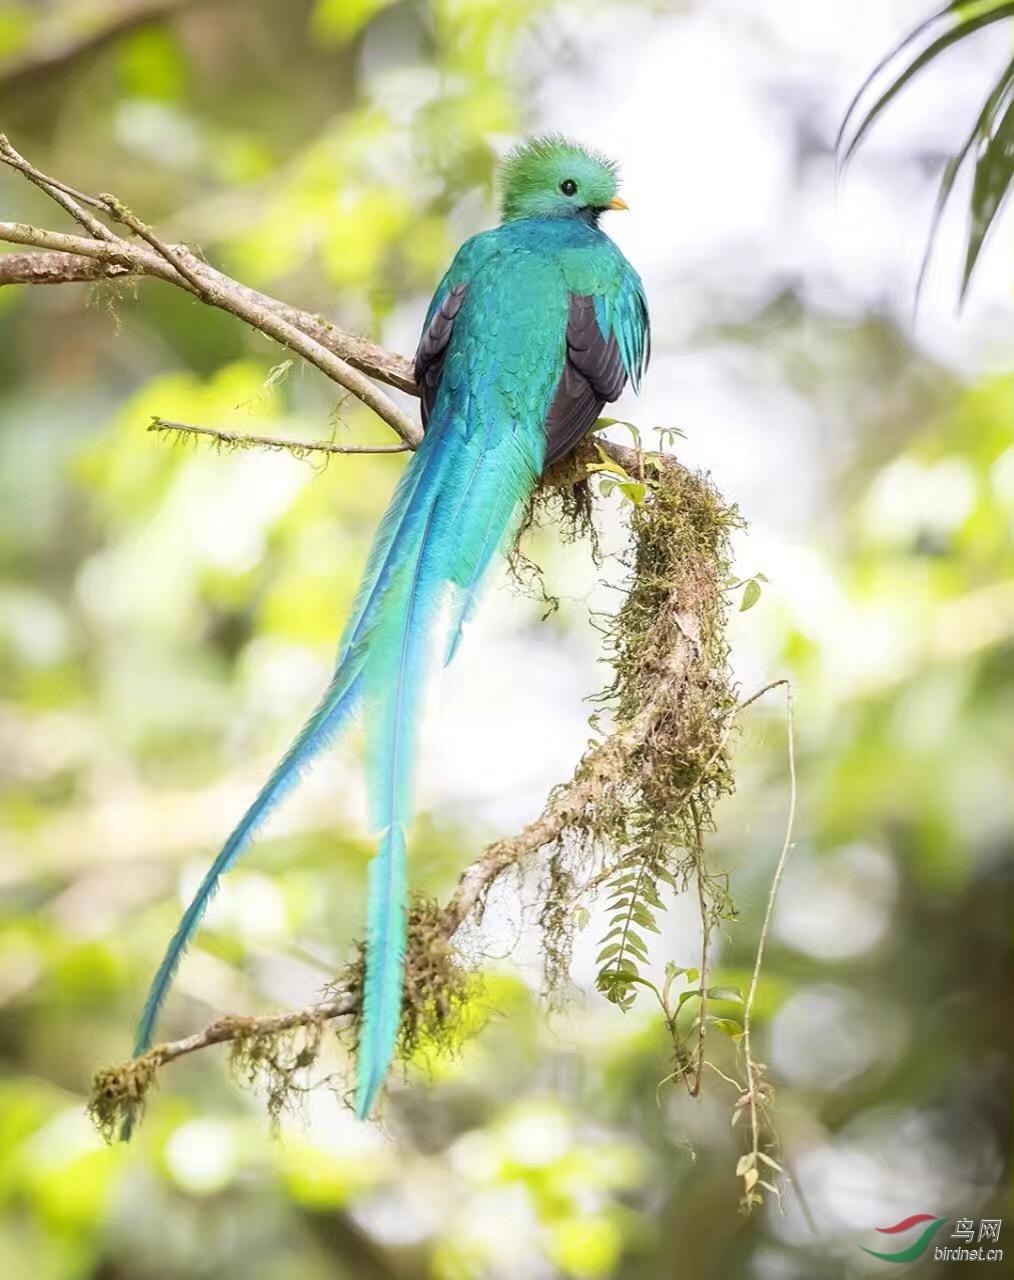 16天哥斯达黎加拍鸟团_页面_54_图像_0001.jpg